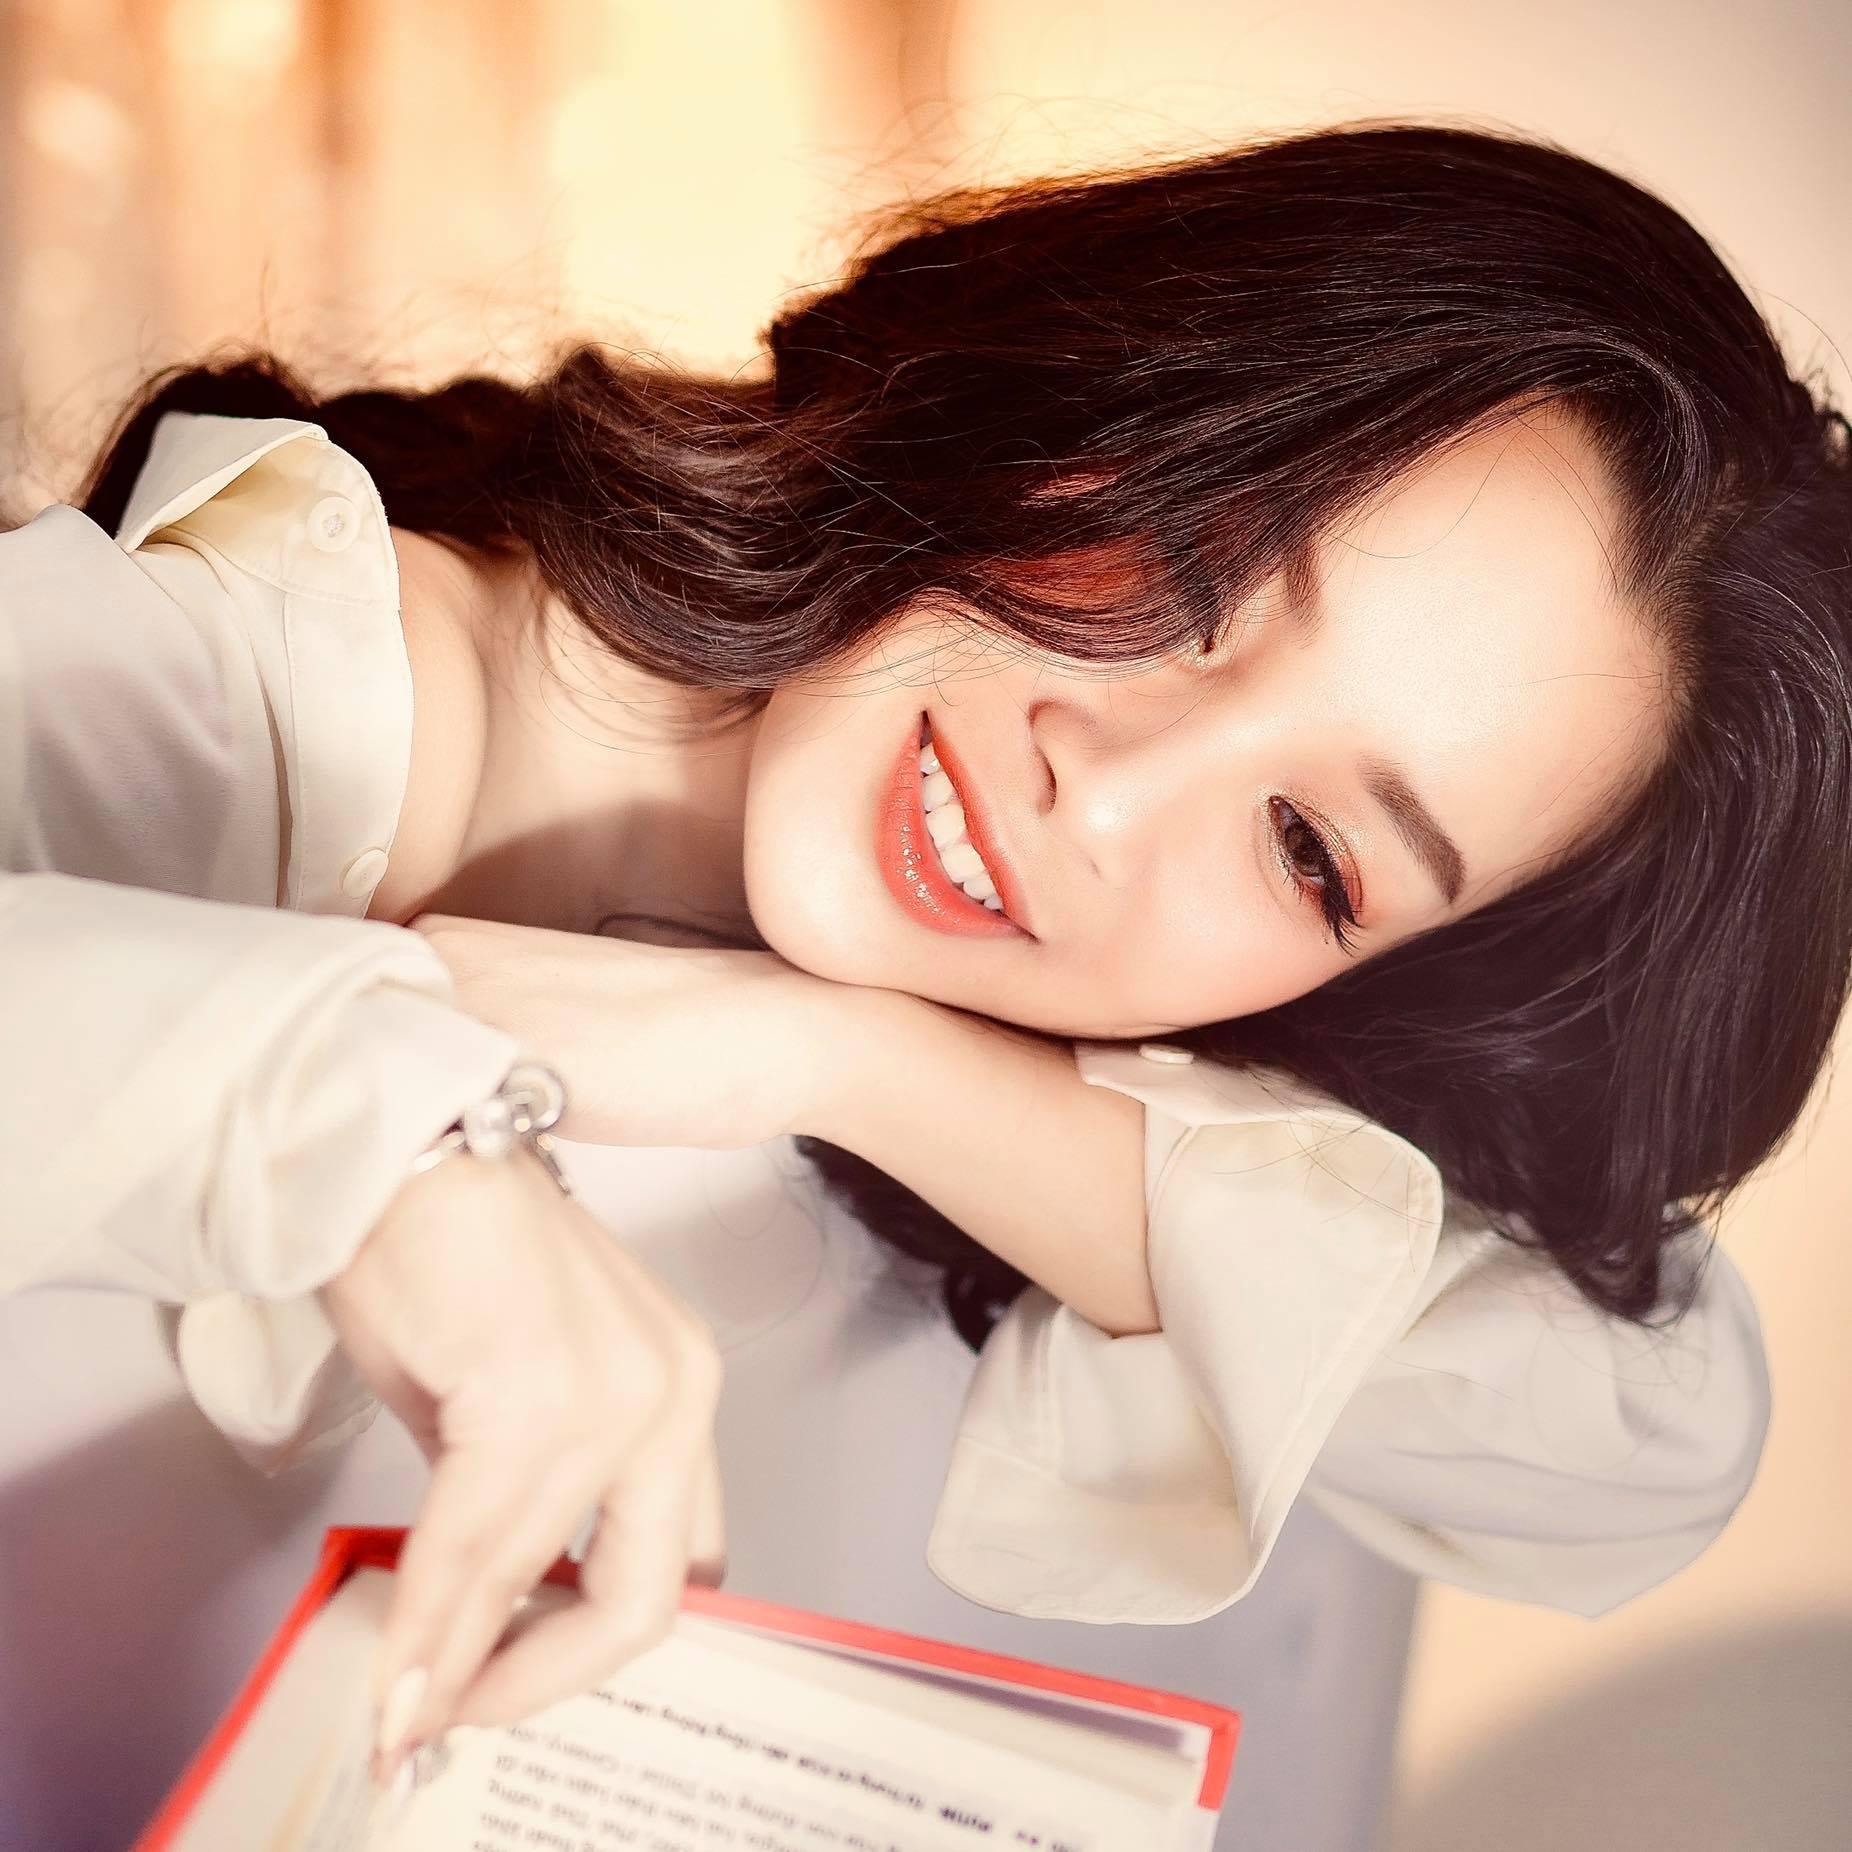 15 năm Nhật ký Vàng Anh, Minh Hương từ con hóa bạn gái NSND Mạnh Cường - 8